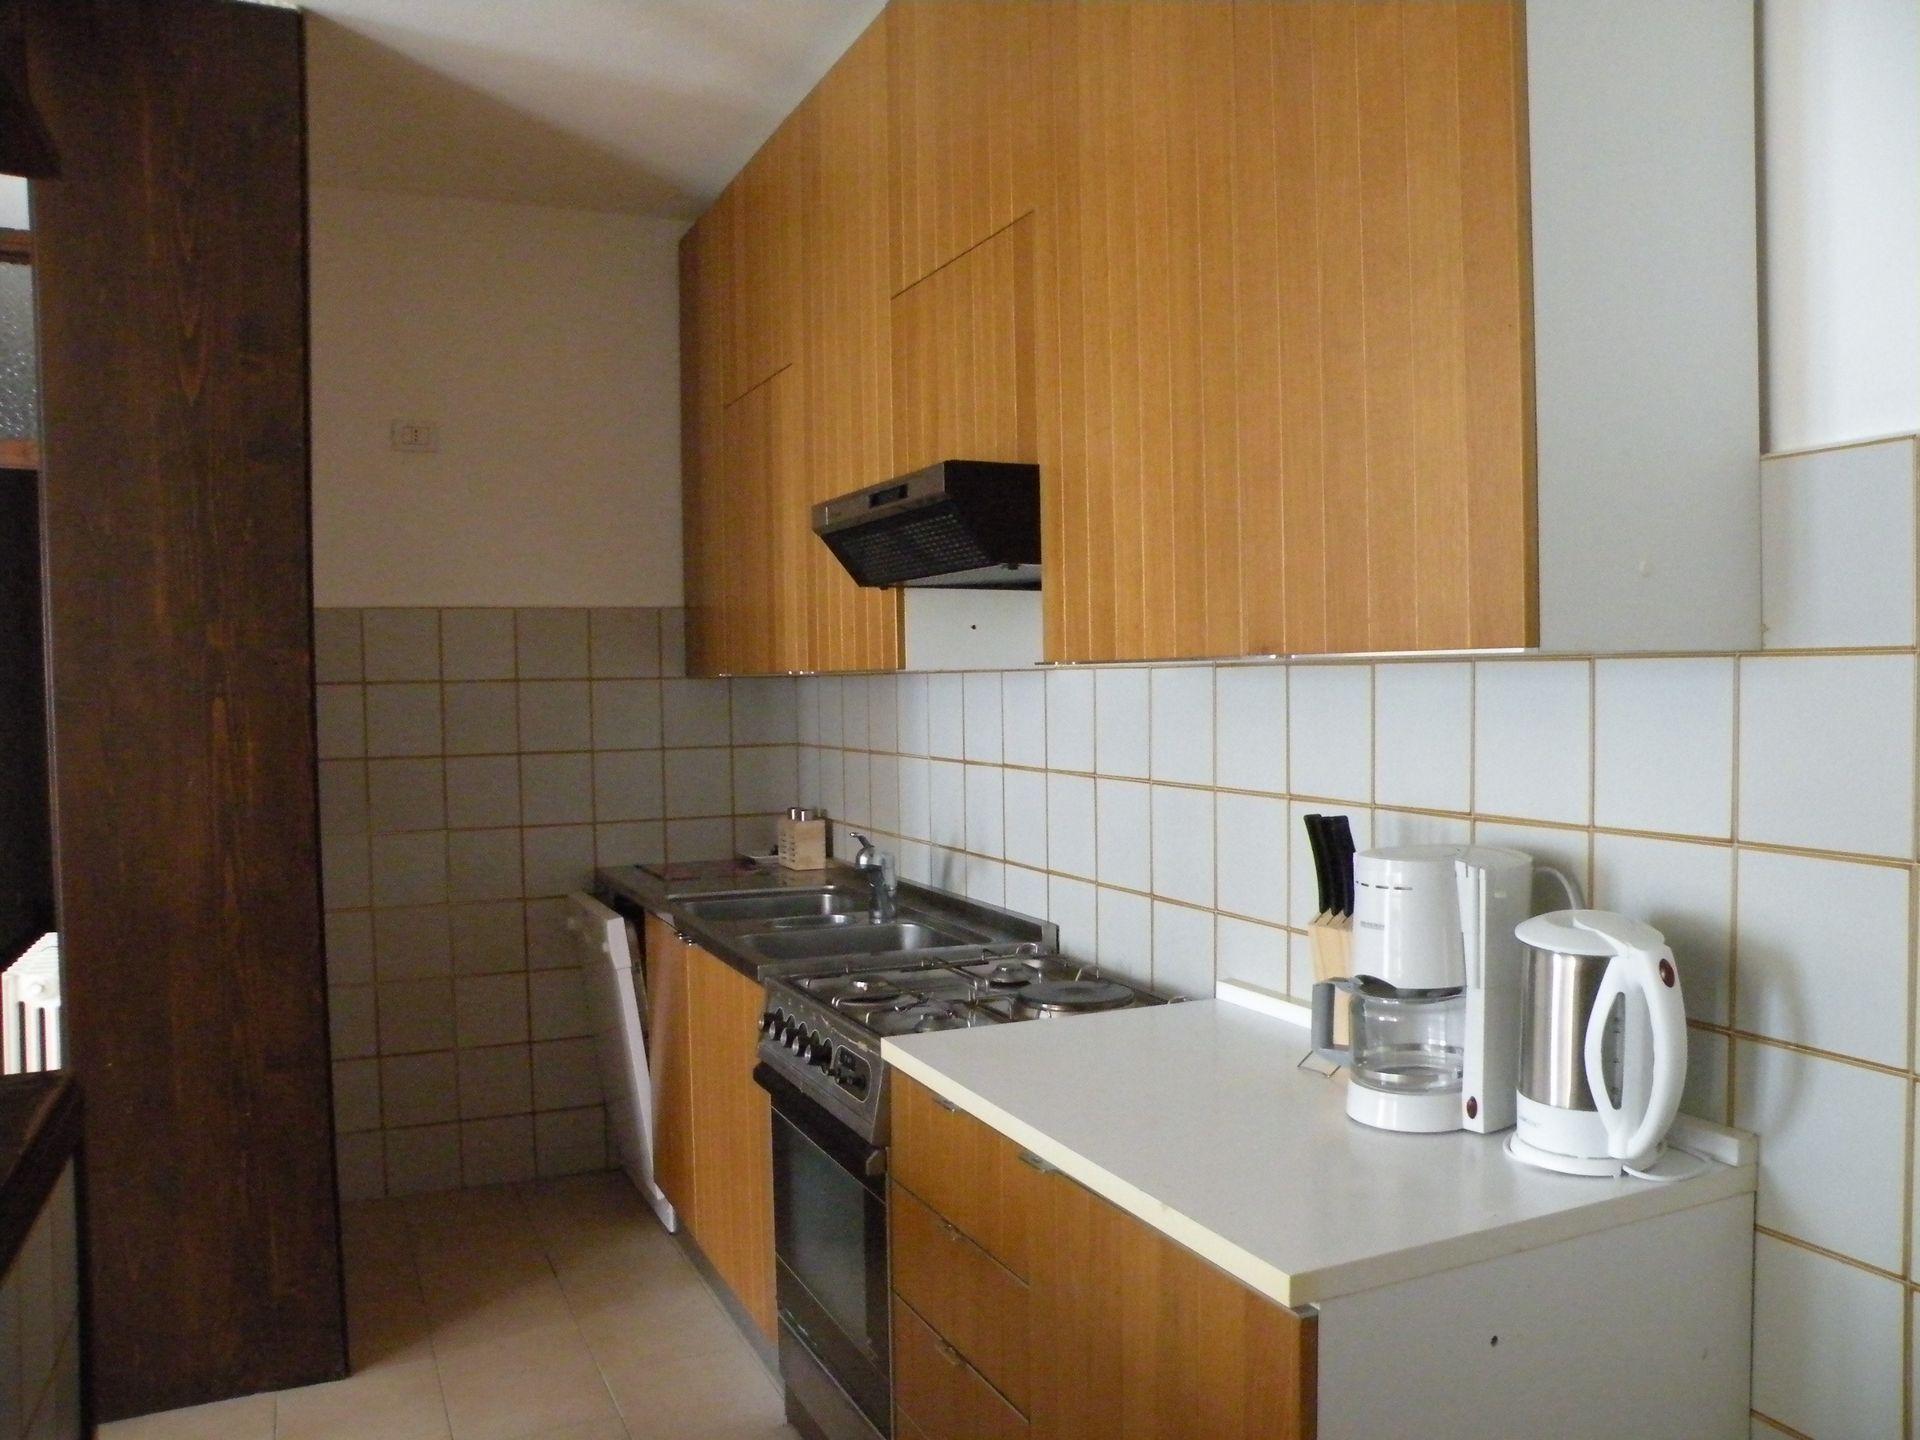 Vendita affitto appartamenti bellano lc lago di como for 2 camere da letto 2 piani del bagno